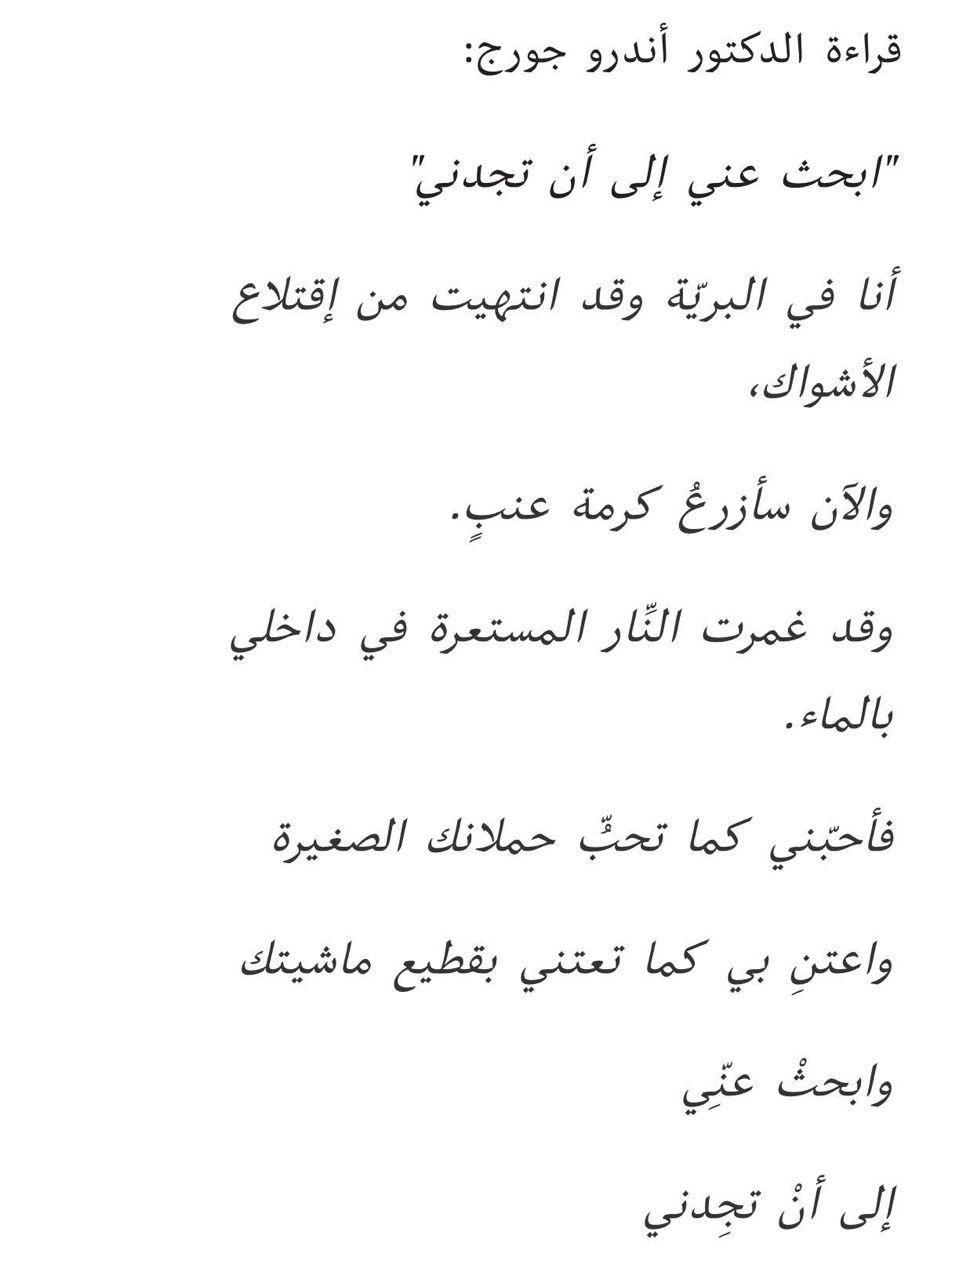 Lulu A أقدم قصيدة حب تم العثور عليها وعمرها ٤٠٠٠ سنة باللغة الآشورية كتبتها فتاة مزارعة لحبيبها الراعي وابحث عني حتى تجدني Math Math Equations